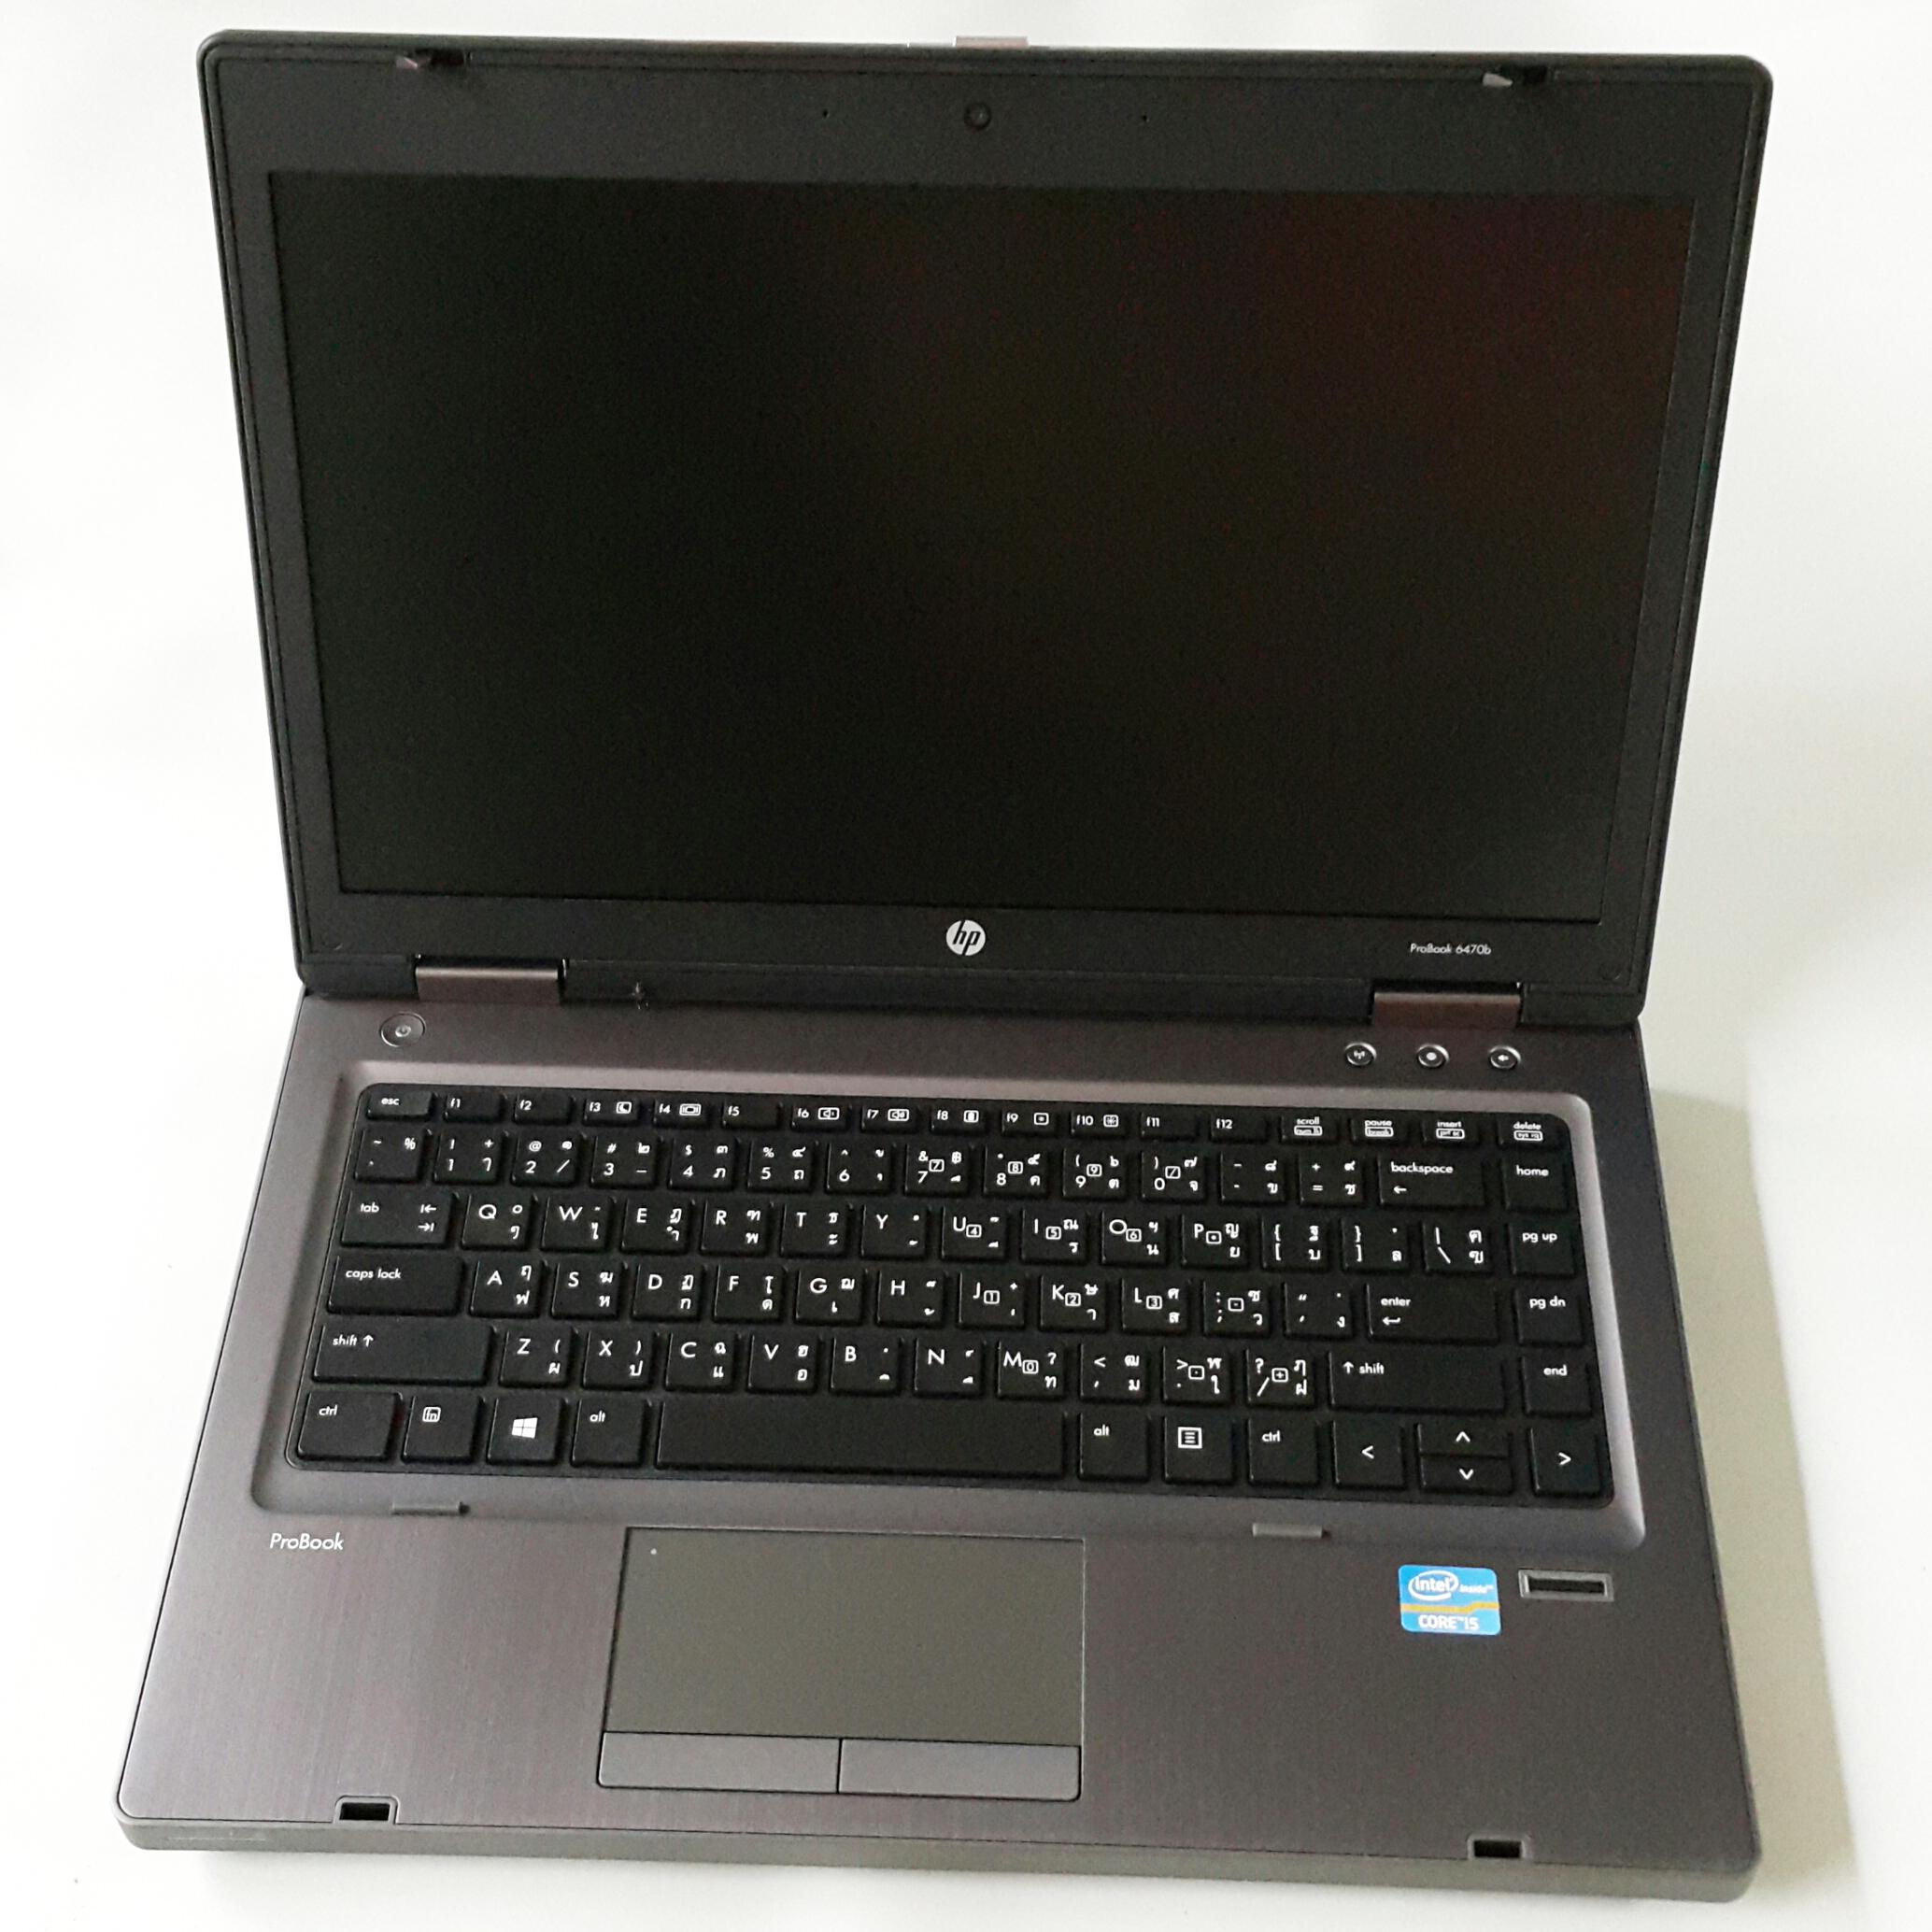 คอมพิวเตอร์ โน๊ตบุ๊ค Notebook HP ProBook 6470b